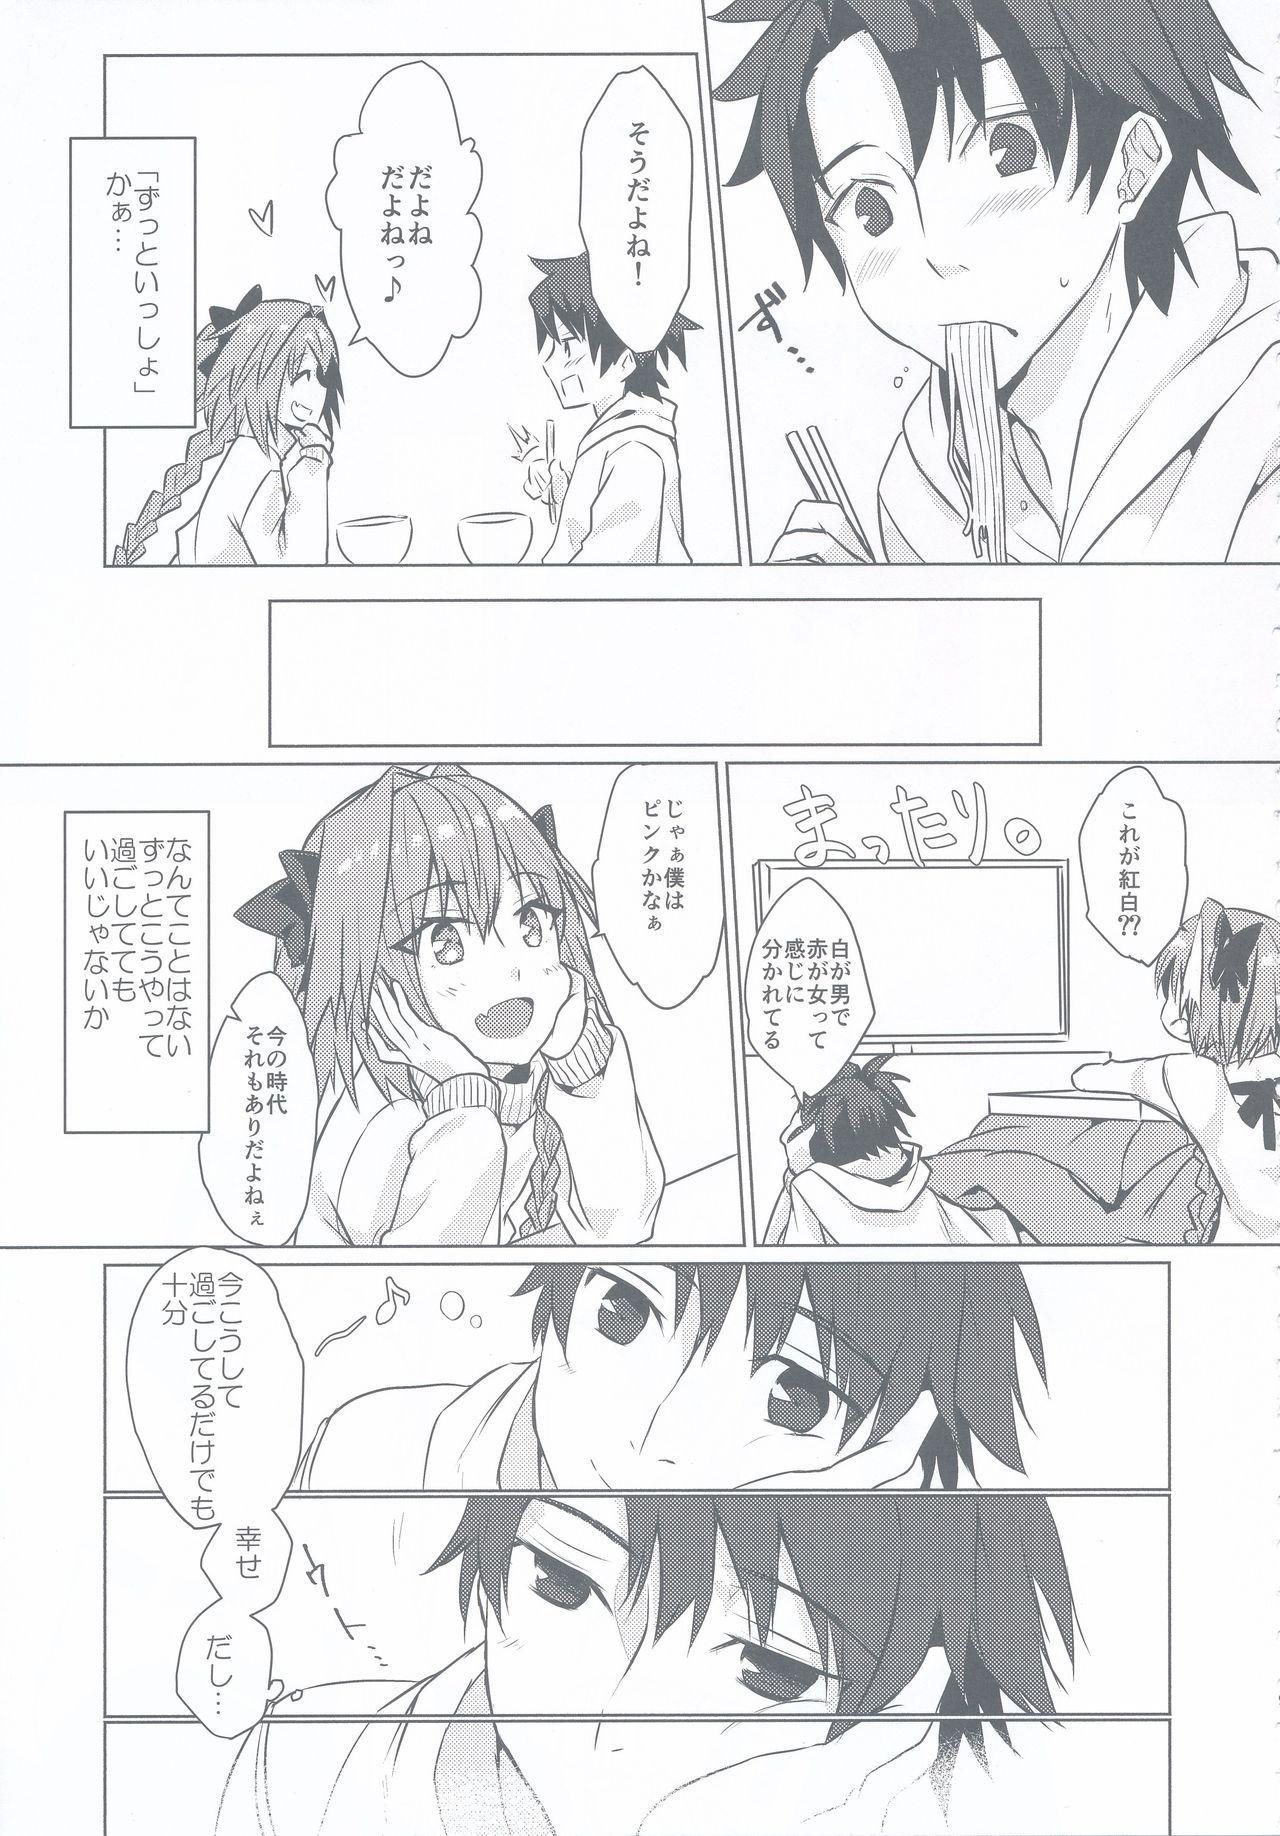 Astolfo-kun to Nenmatsu ni Ichaicha Sugosu Hon 8